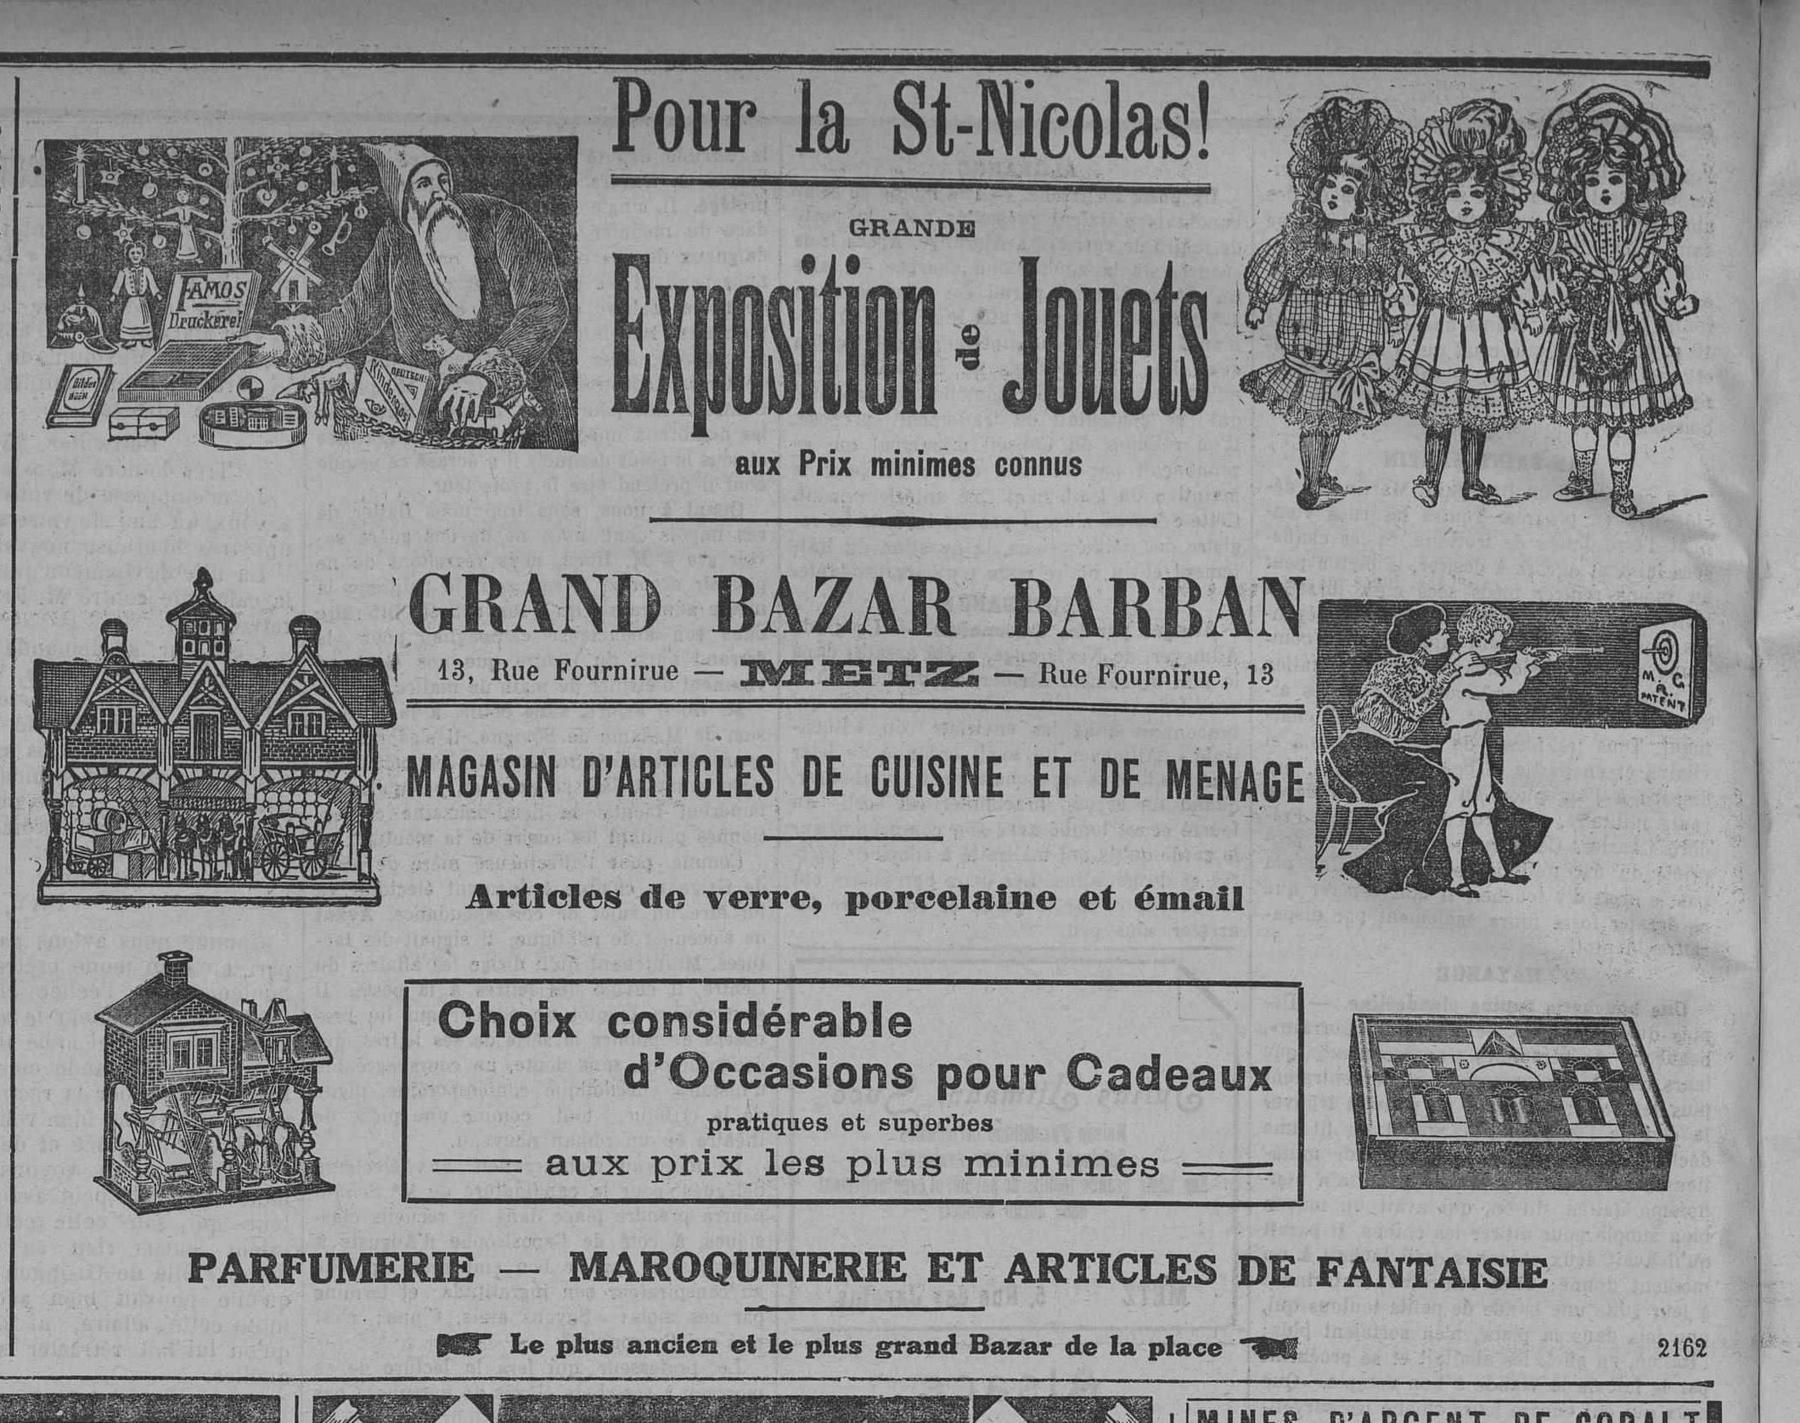 Contenu du Pour la Saint Nicolas, grande exposition de jouets